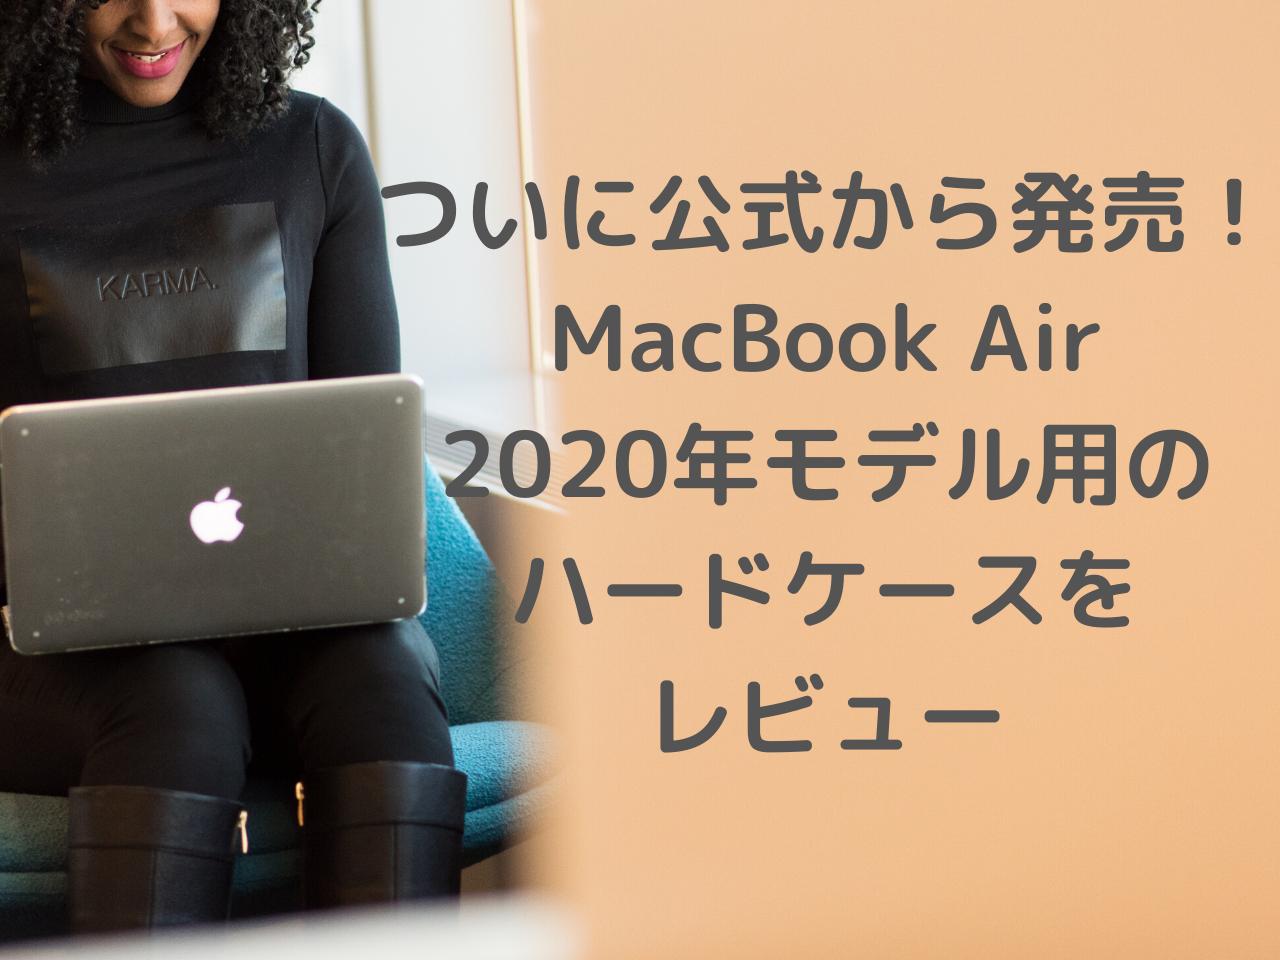 MacBook Air2020年モデル用のハードケース